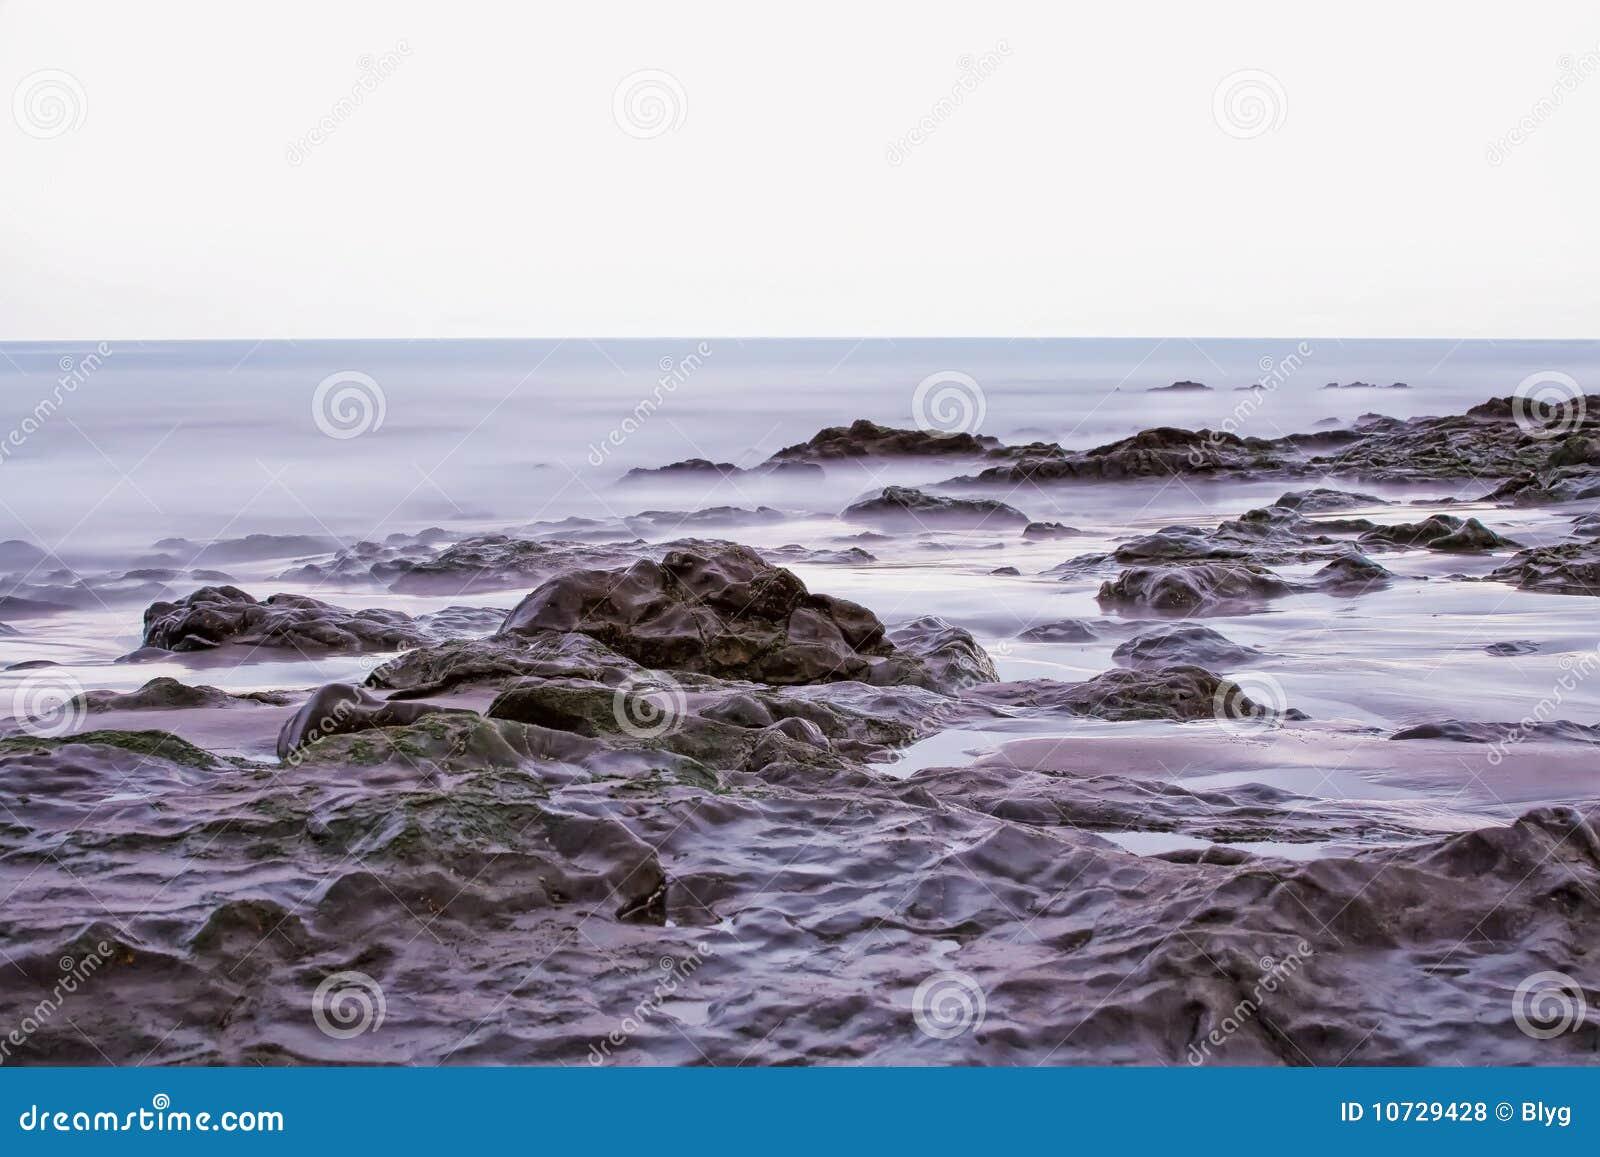 on stones ocean - photo #26